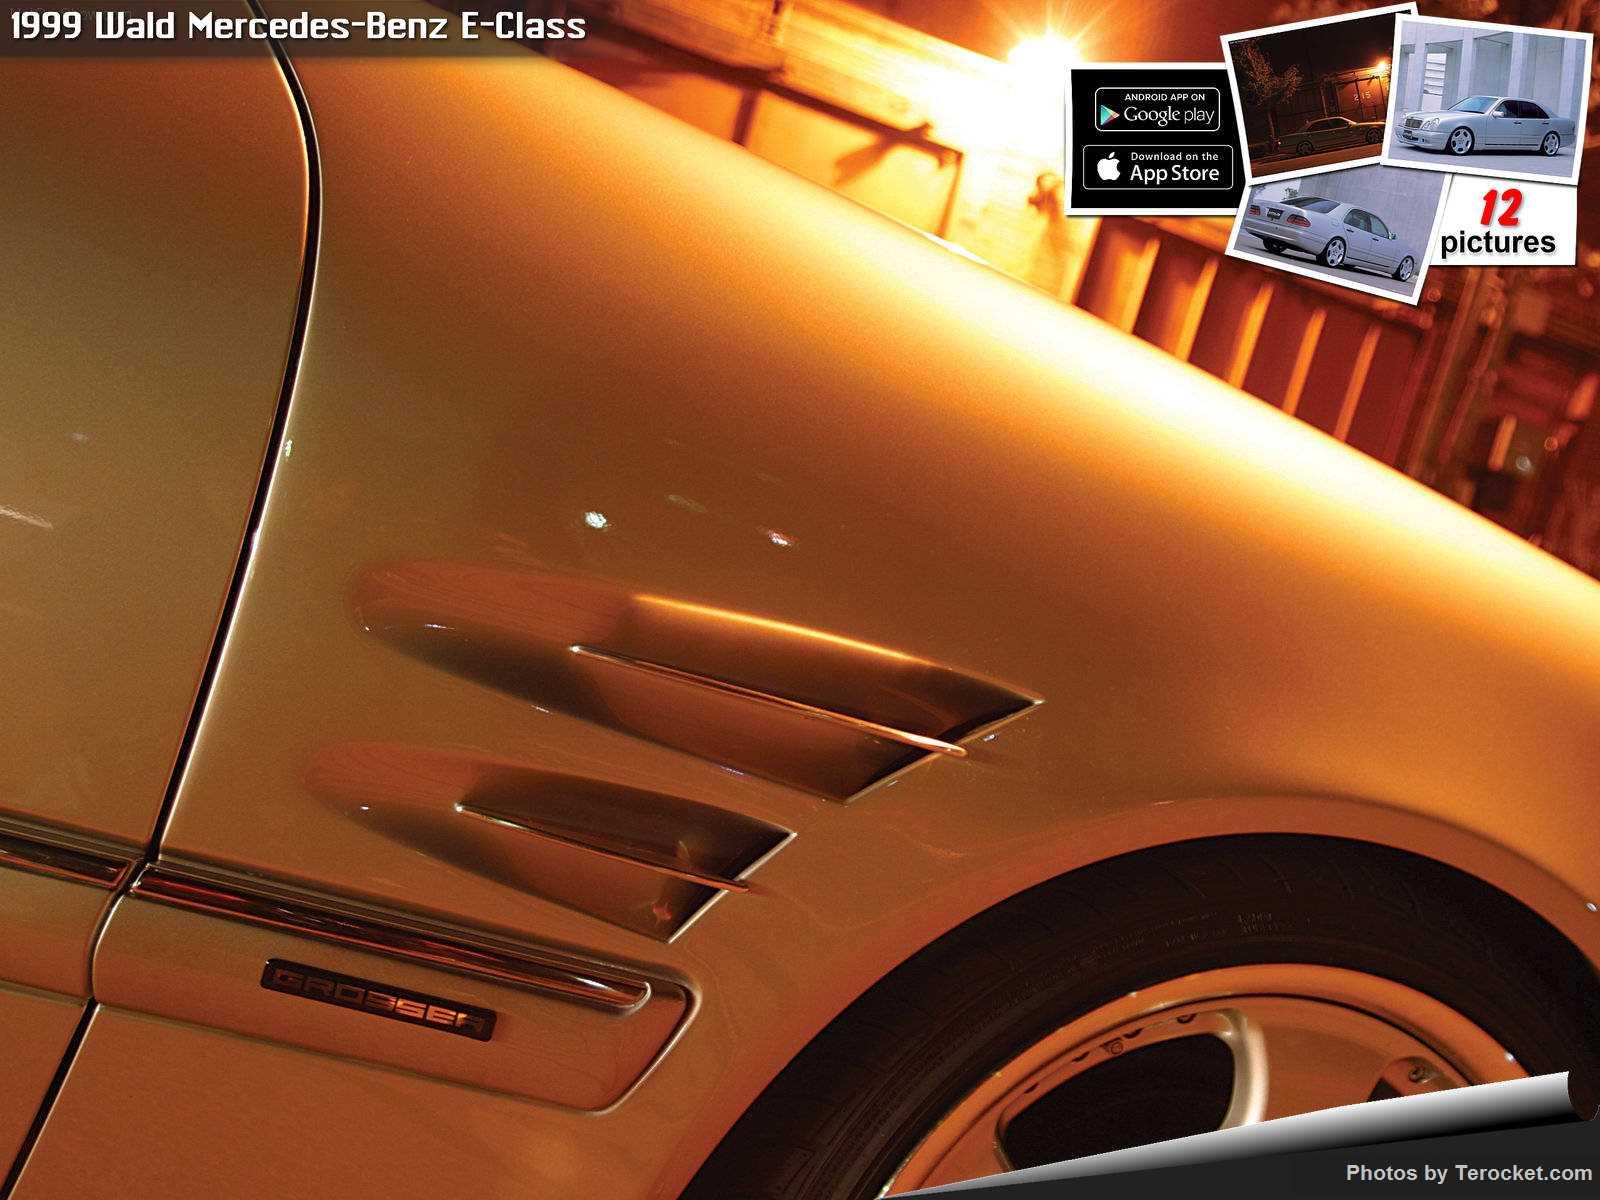 Hình ảnh xe độ Wald Mercedes-Benz E-Class 1999 & nội ngoại thất